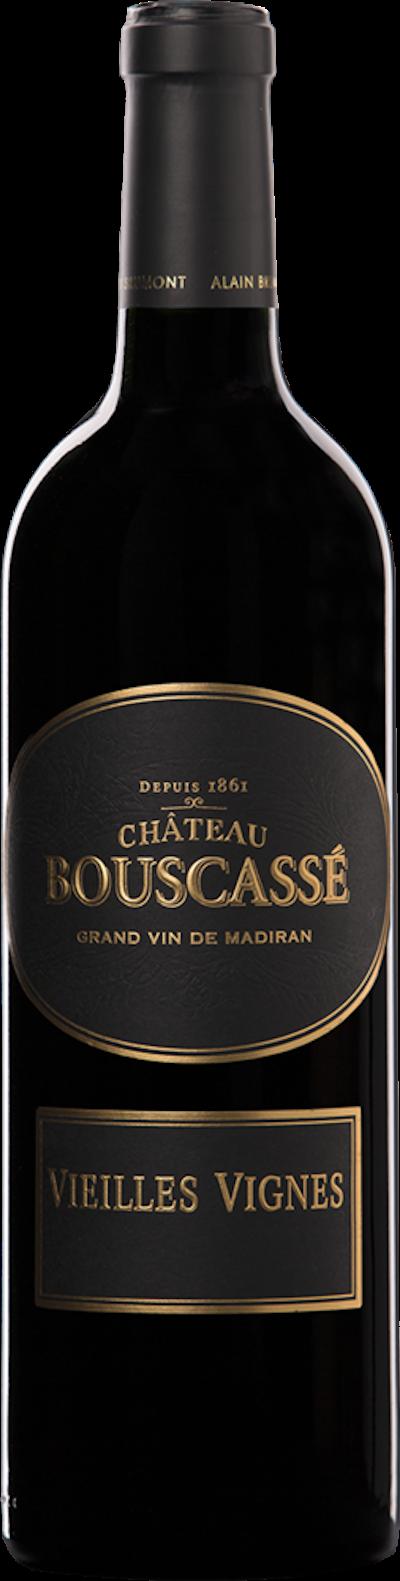 Château Bouscassé - Madiran Vieilles Vignes